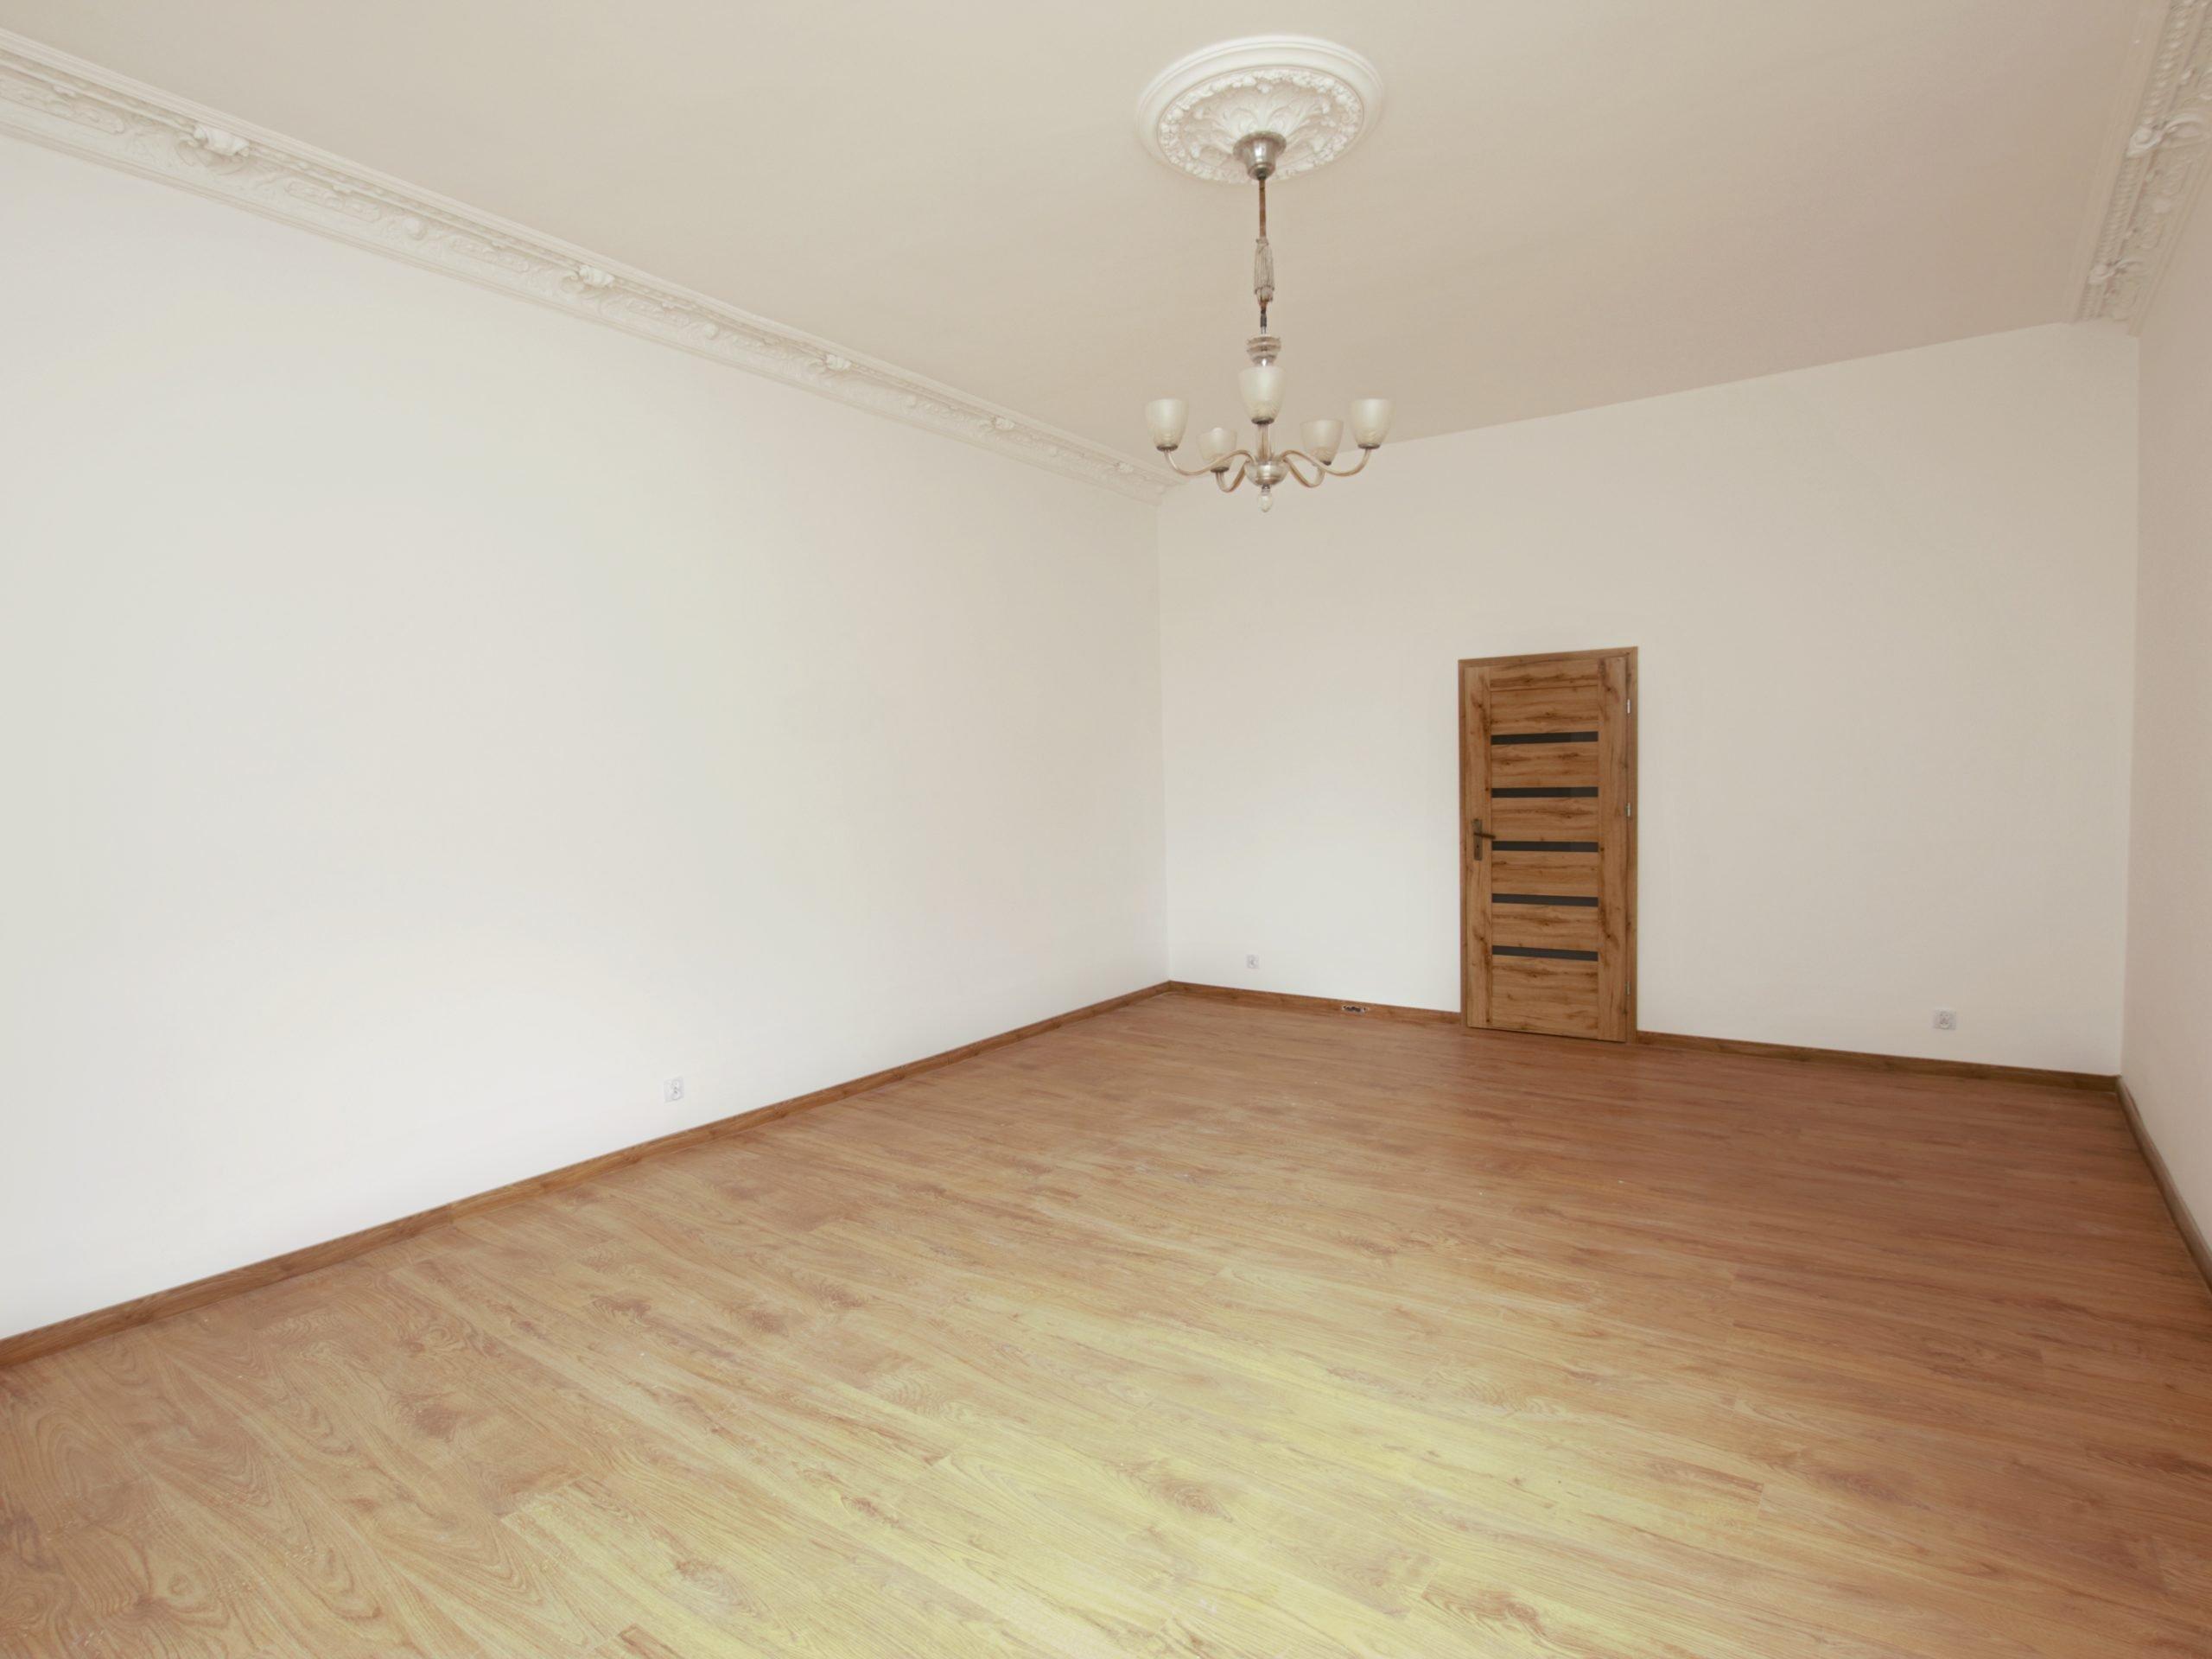 Przestronne, wyremontowane mieszkanie ok. 91,5 m2, centrum